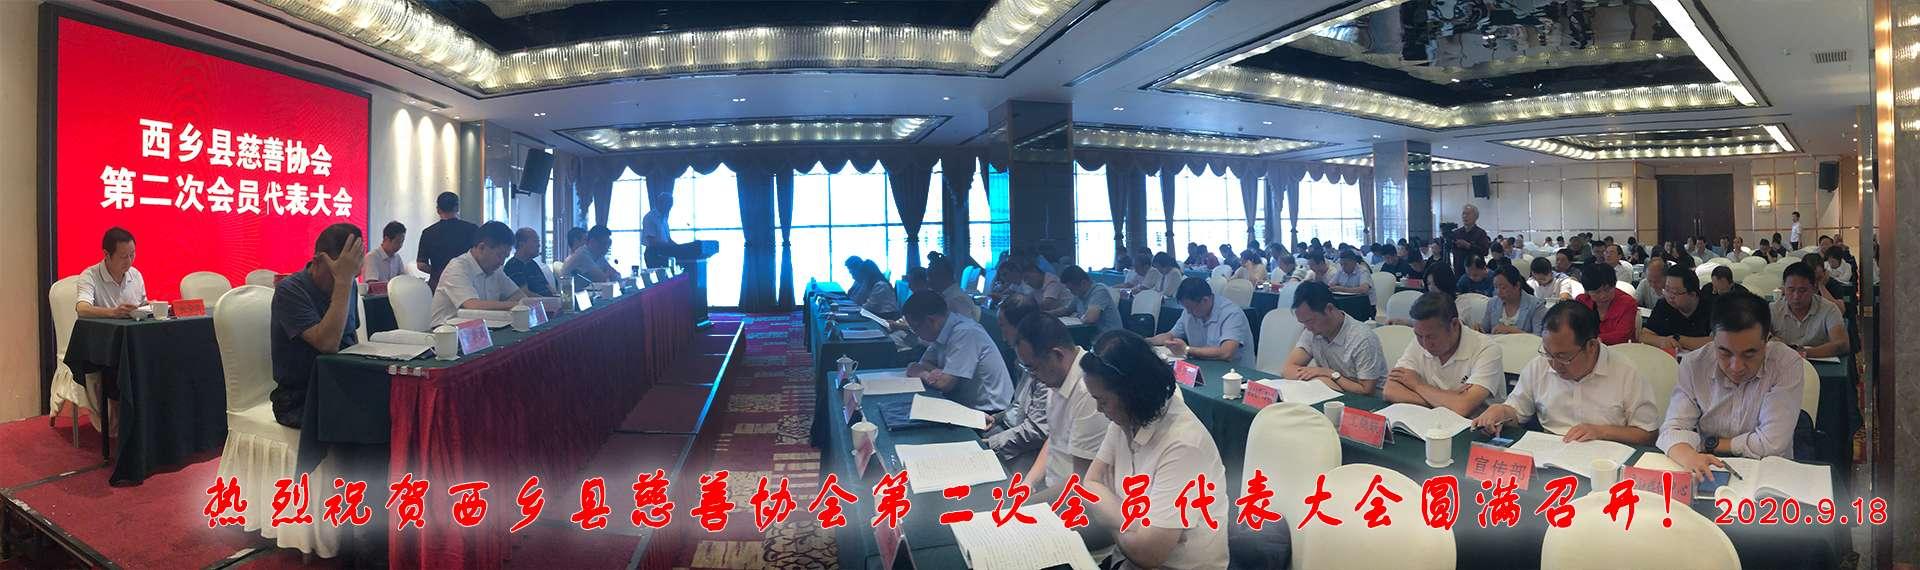 热烈祝贺西乡县慈善协会第二次会员代表大会圆满召开!